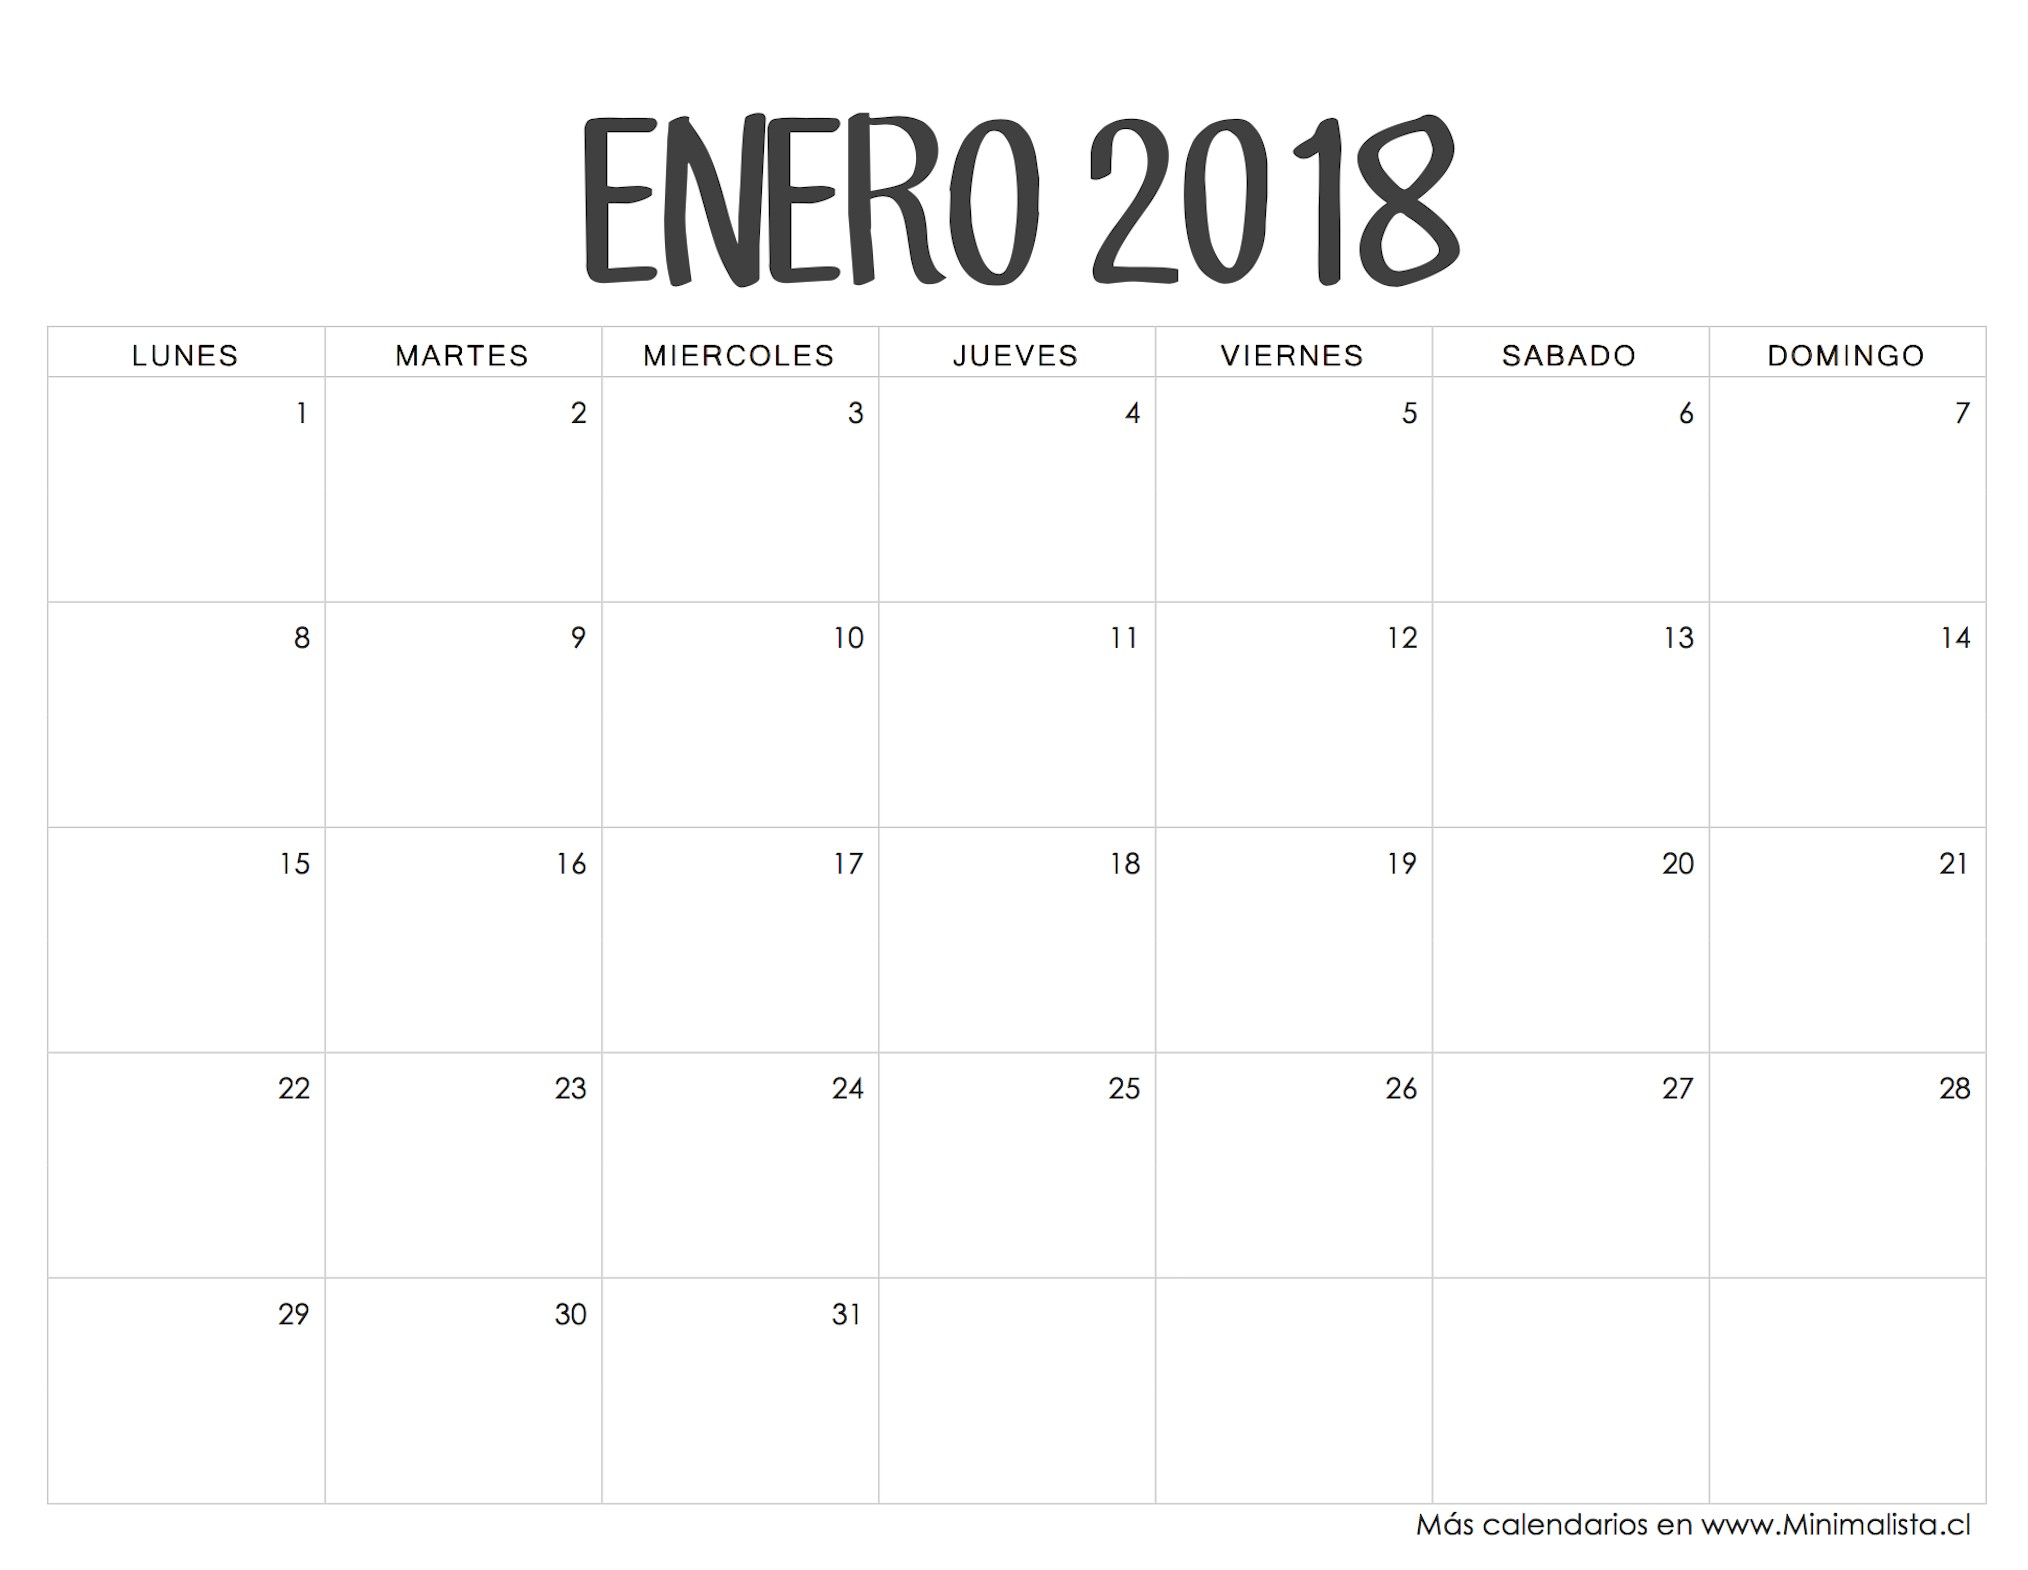 Calendario 2019 Para Imprimir Mes A Mes Más Populares Calendarios 2018 Para Imprimir – Minimalista Rutinas Of Calendario 2019 Para Imprimir Mes A Mes Más Caliente Root